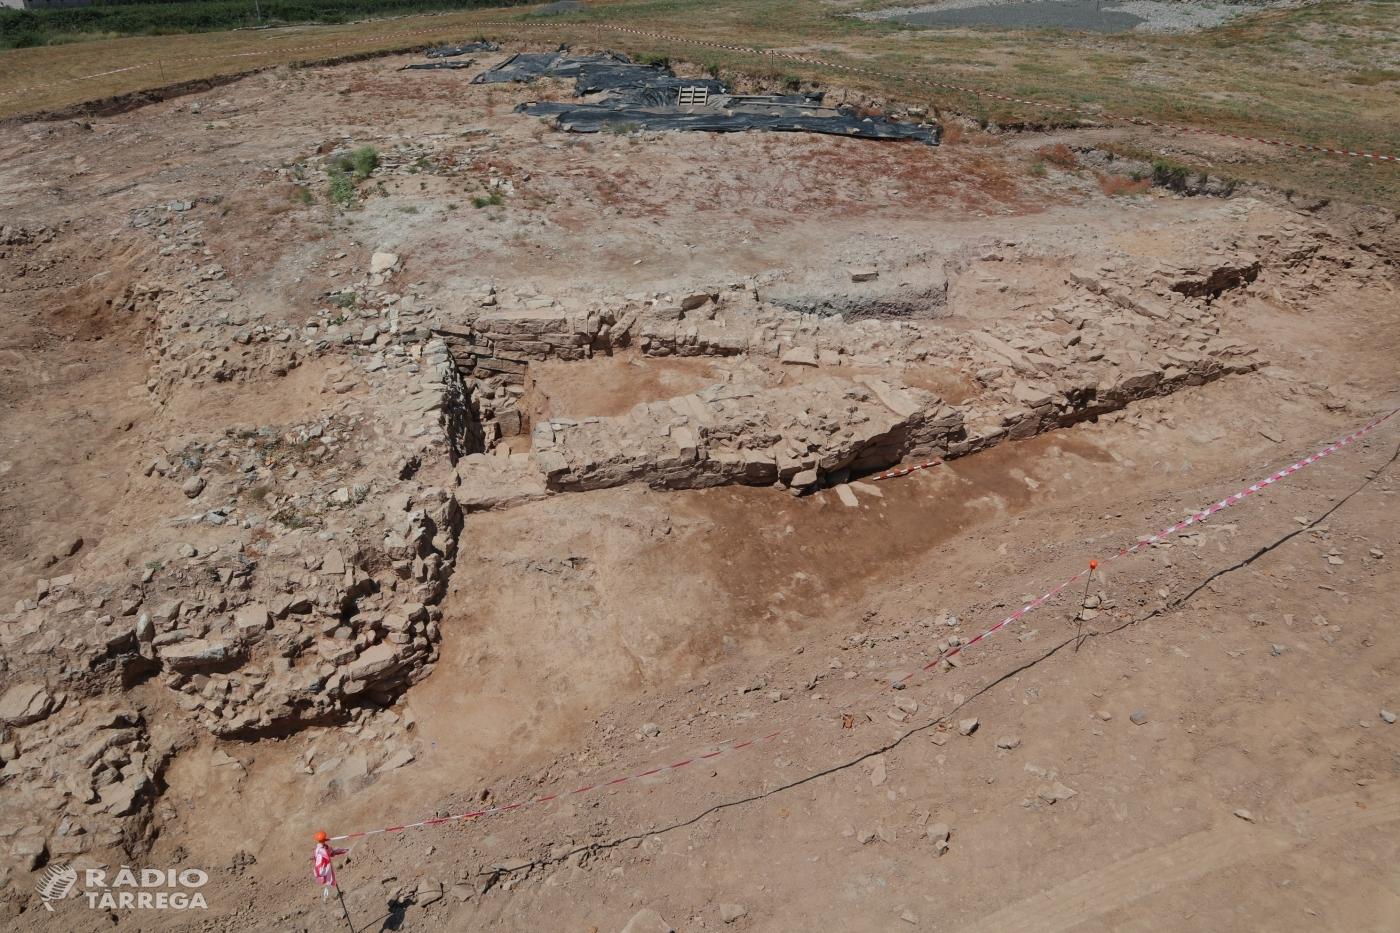 Es posen al descobert restes del sistema defensiu i d'accés de la ciutat ibèrica de Molí d'Espígol a Tornabous